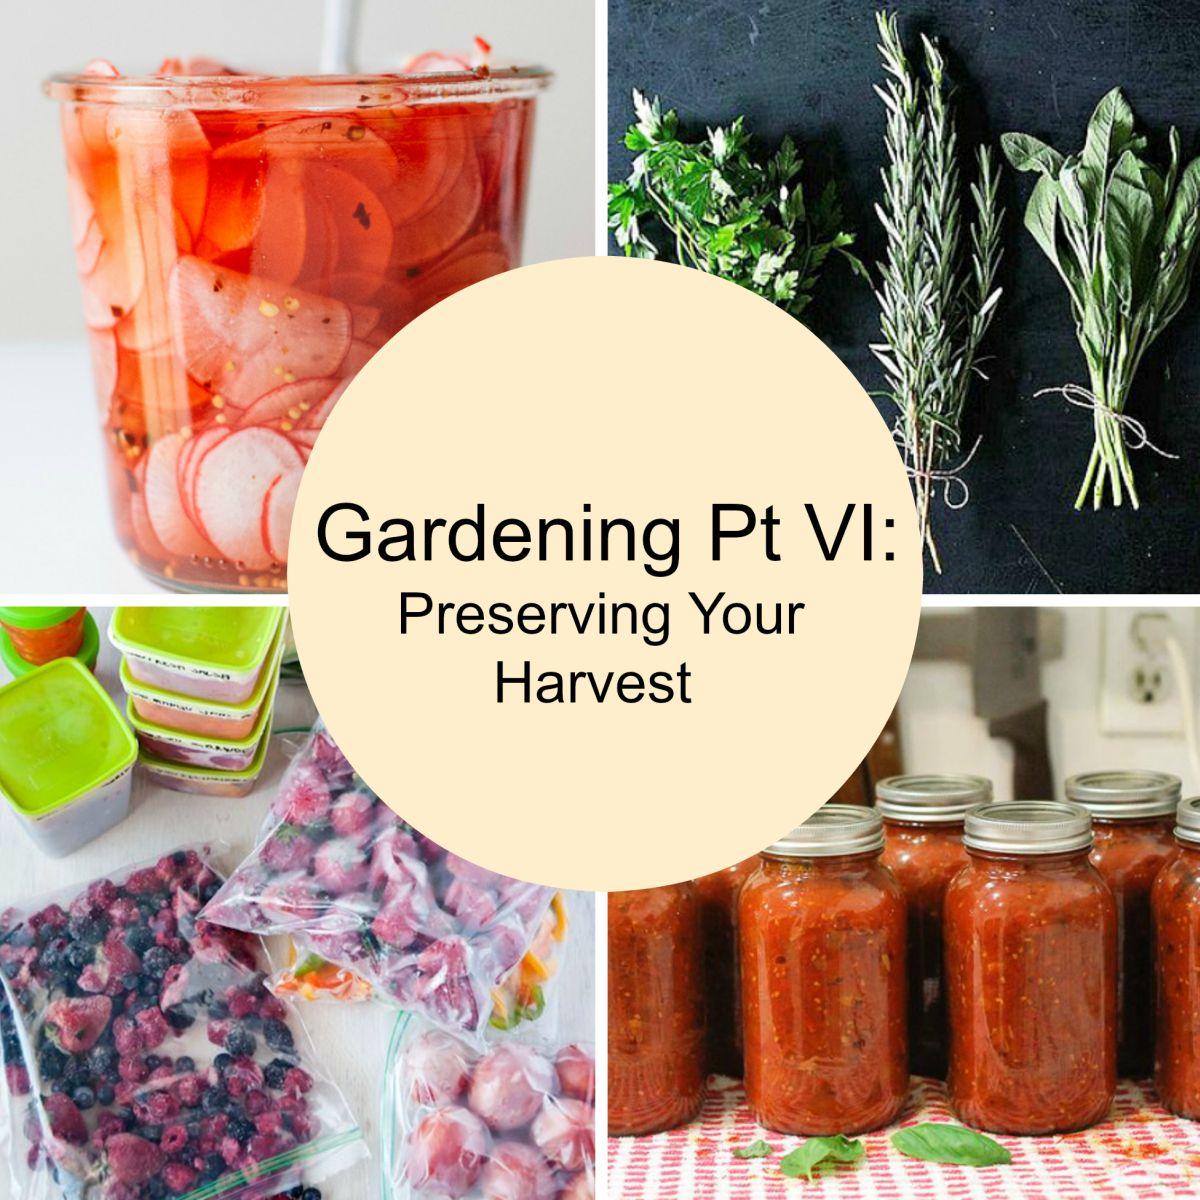 Gardening Pt VI: Preserving Your Harvest